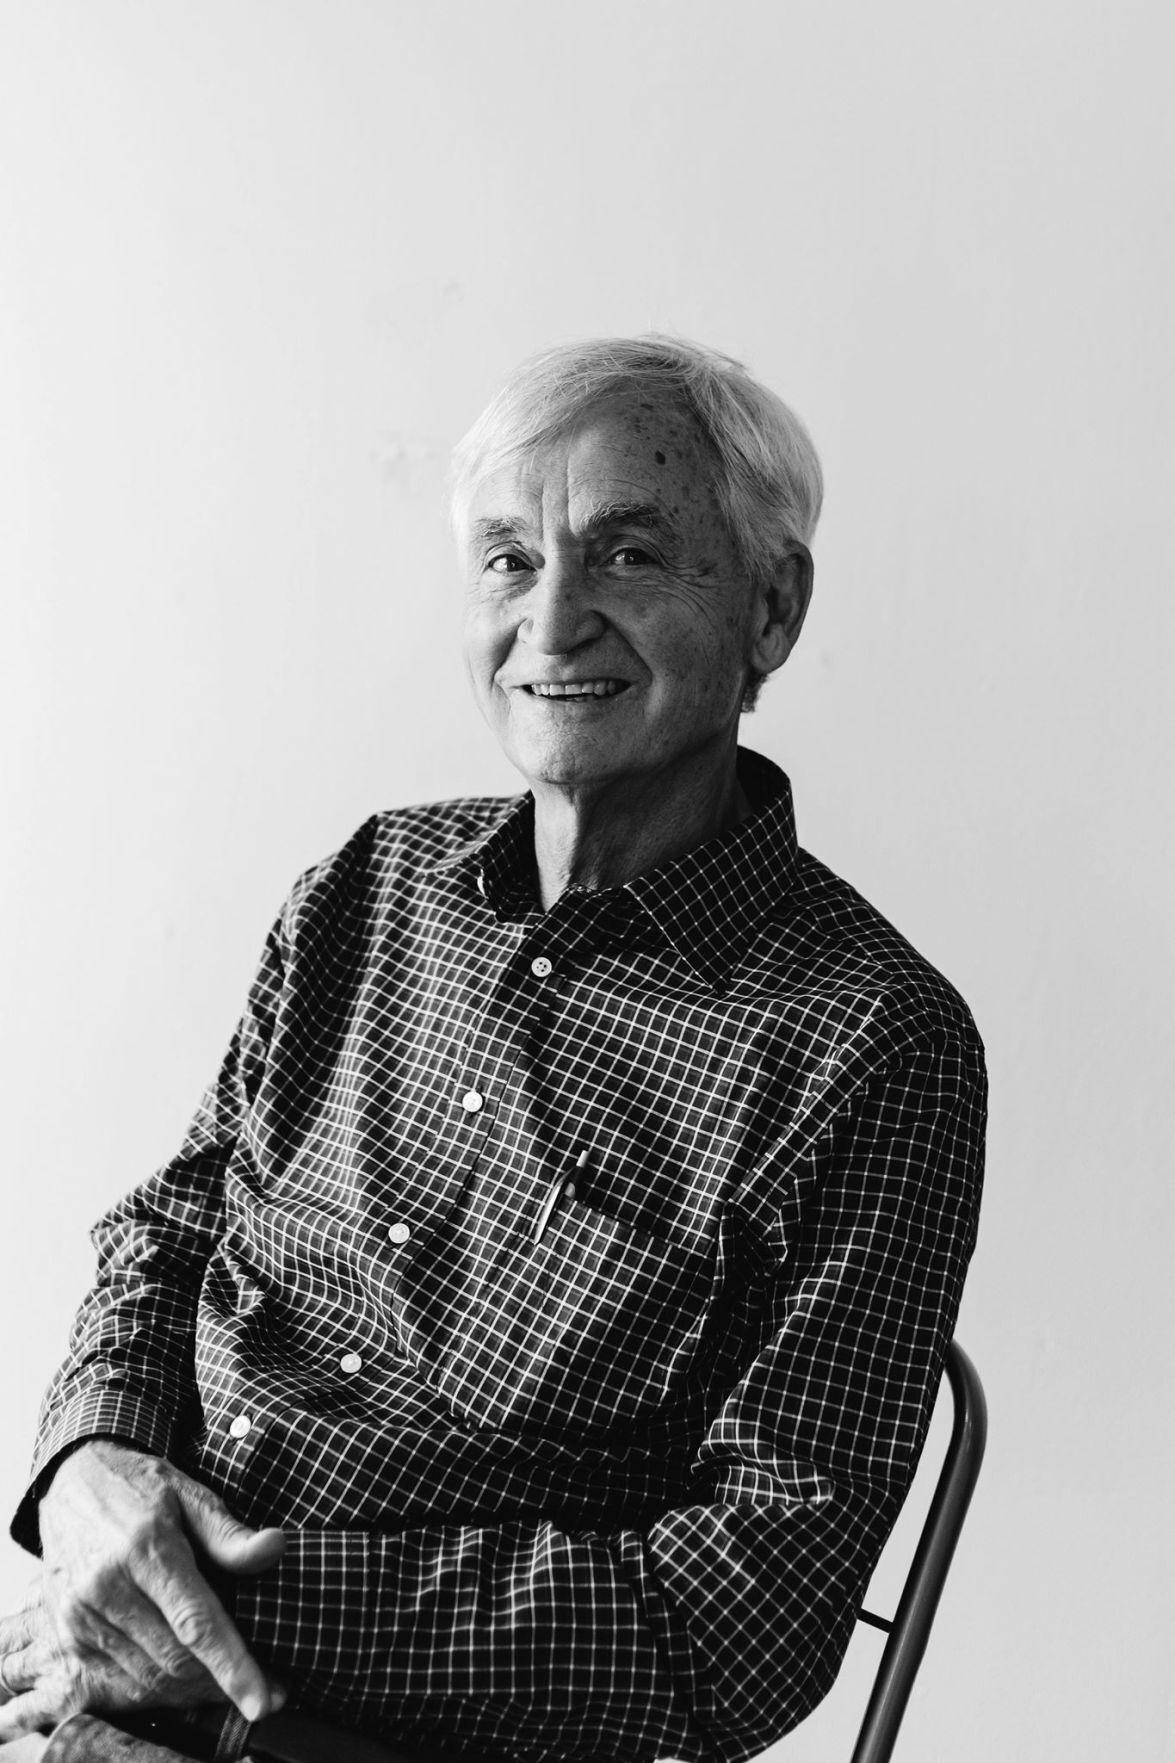 Ray Lenzi